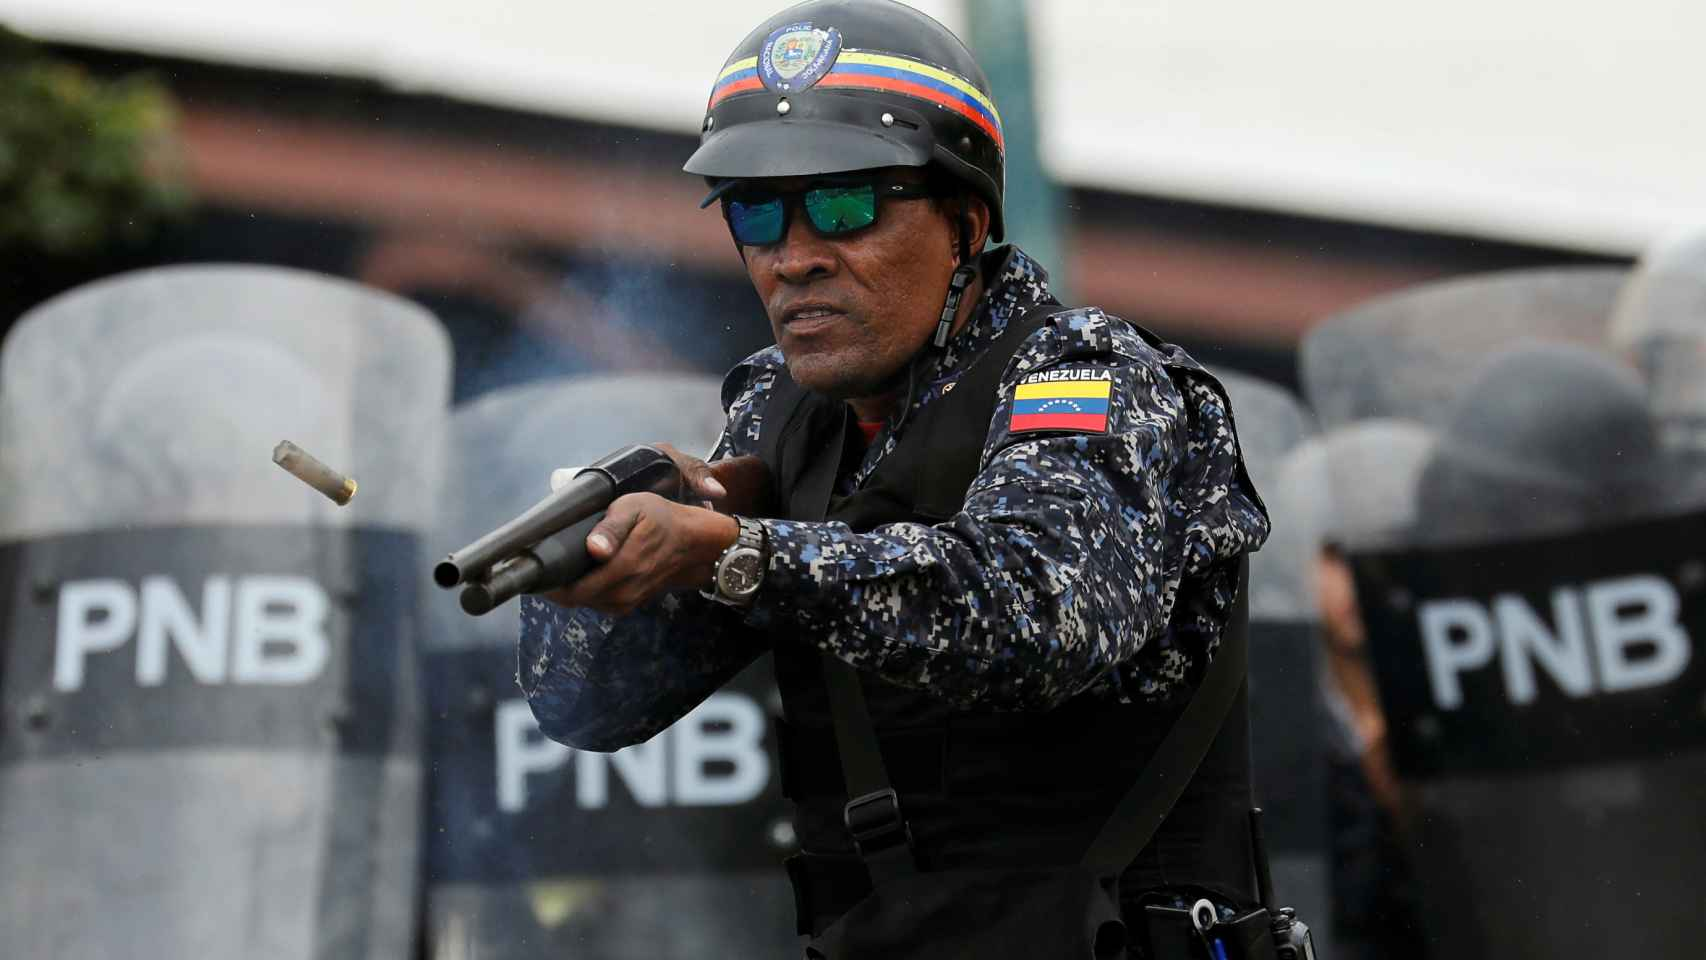 Multitudinaria protesta en Caracas contra el régimen de Maduro.